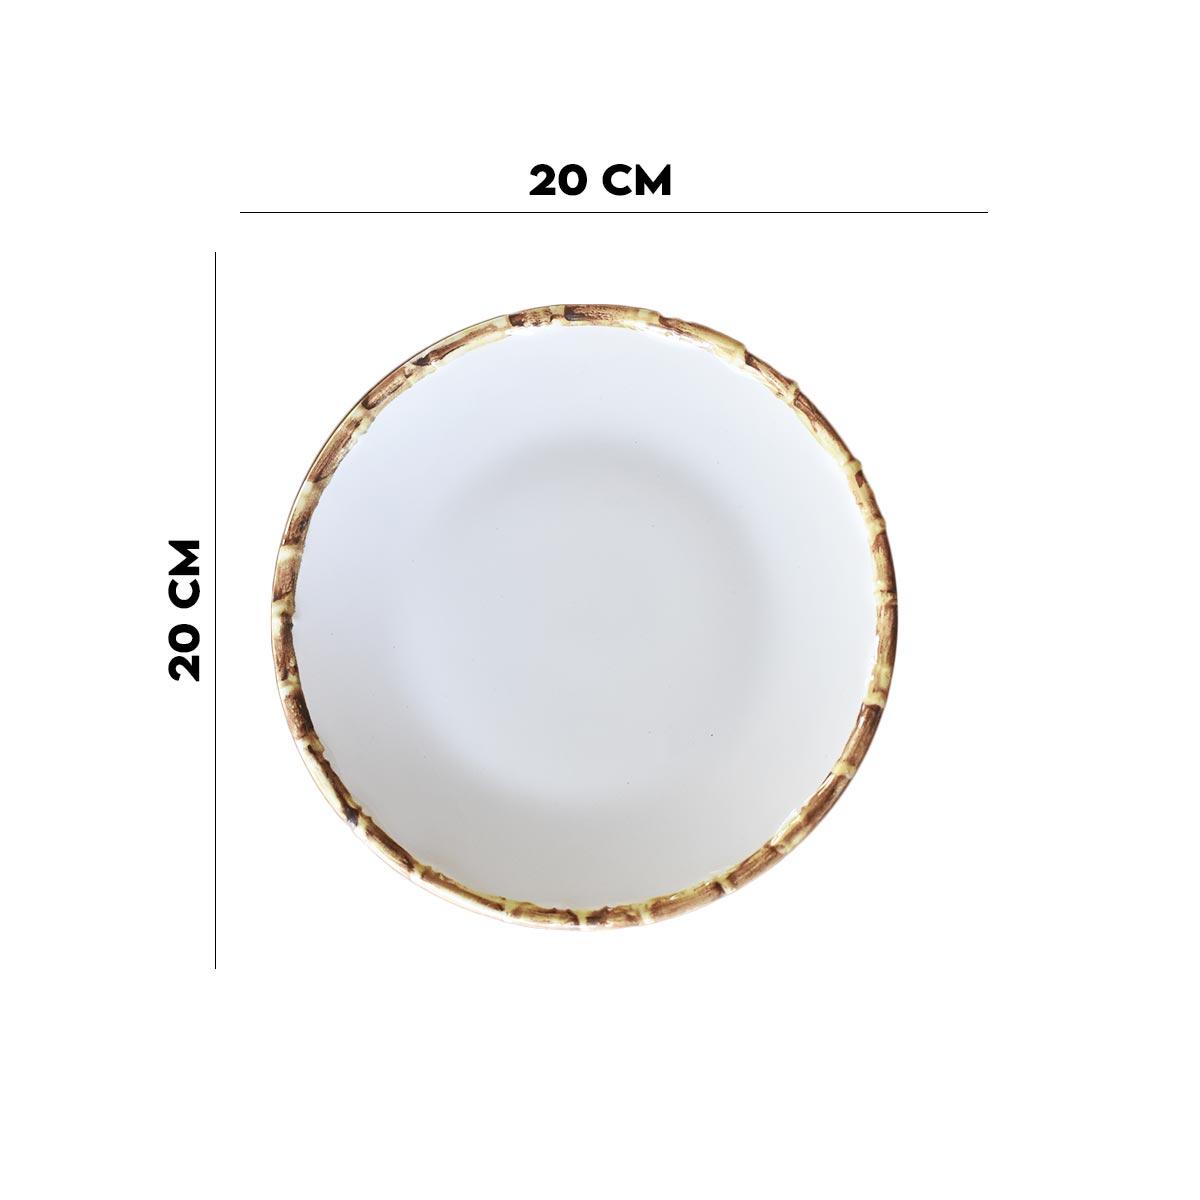 Jogo 8 Pratos de Sobremesa 20cm com Borda de Bambu 1ª Linha  - Lemis